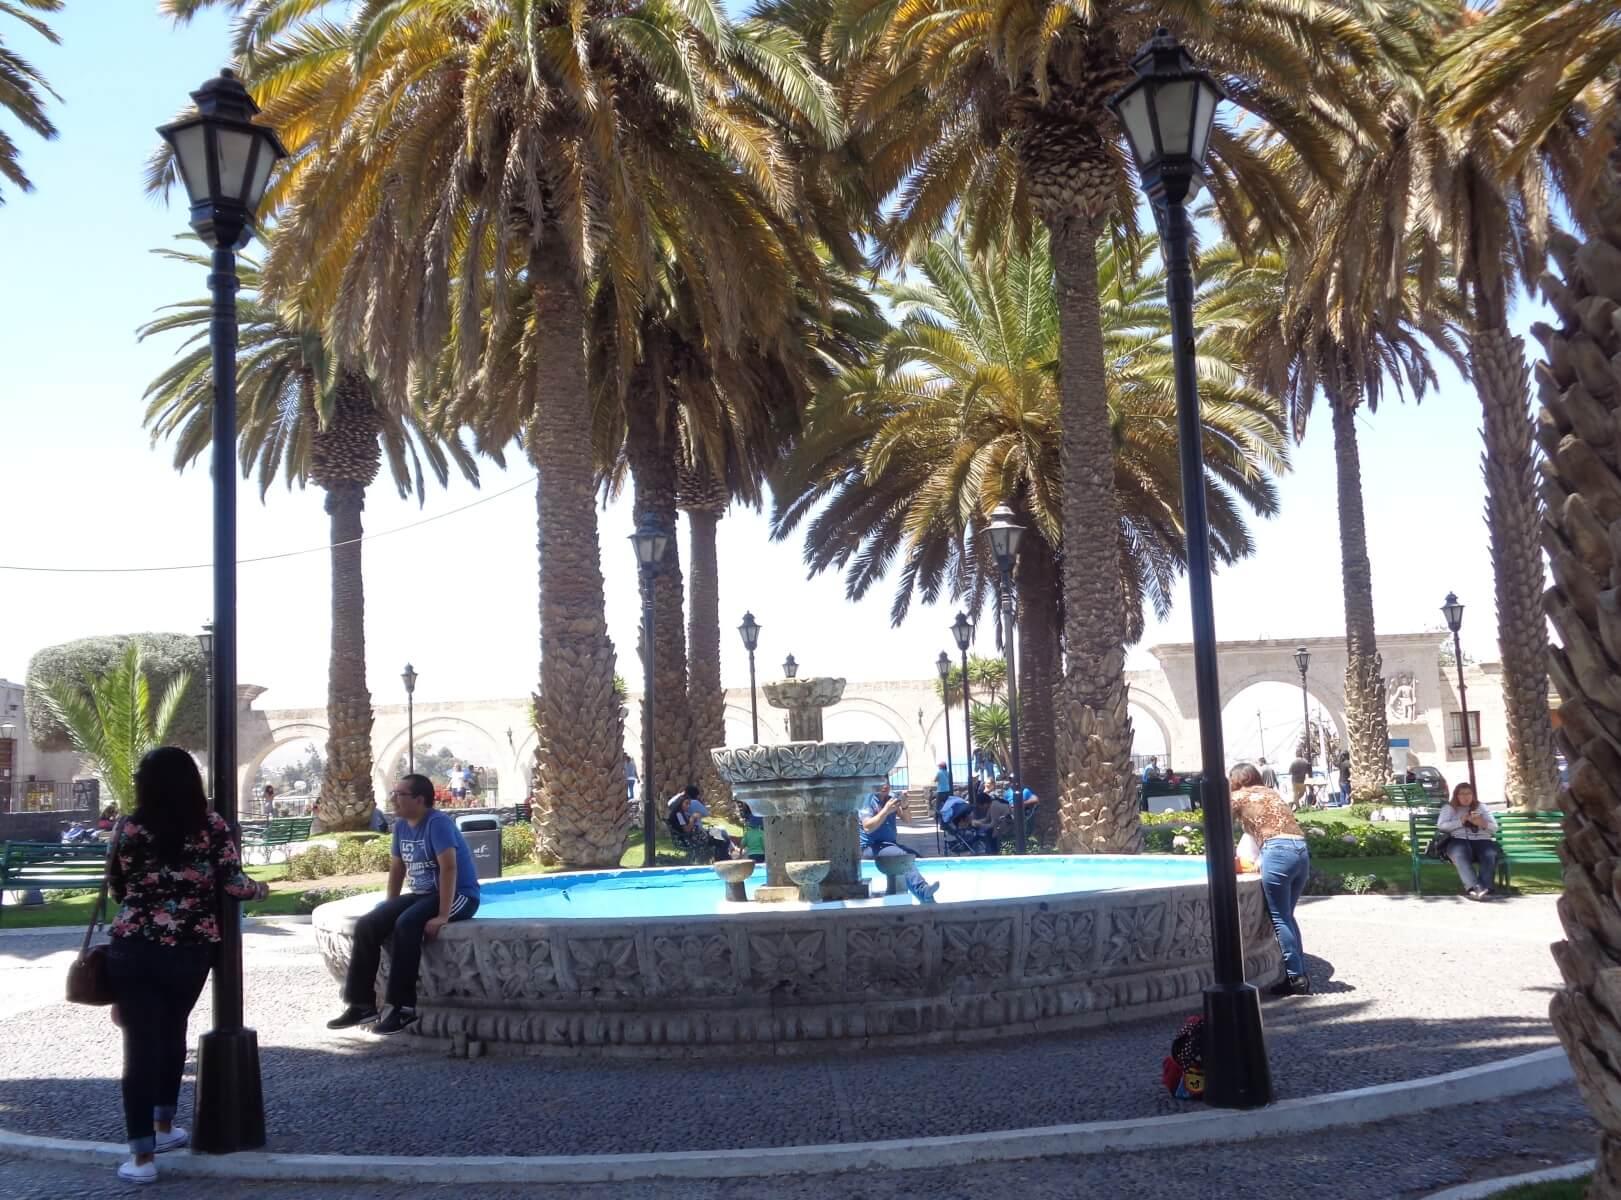 Plaza de Yanahuana - Arequipa